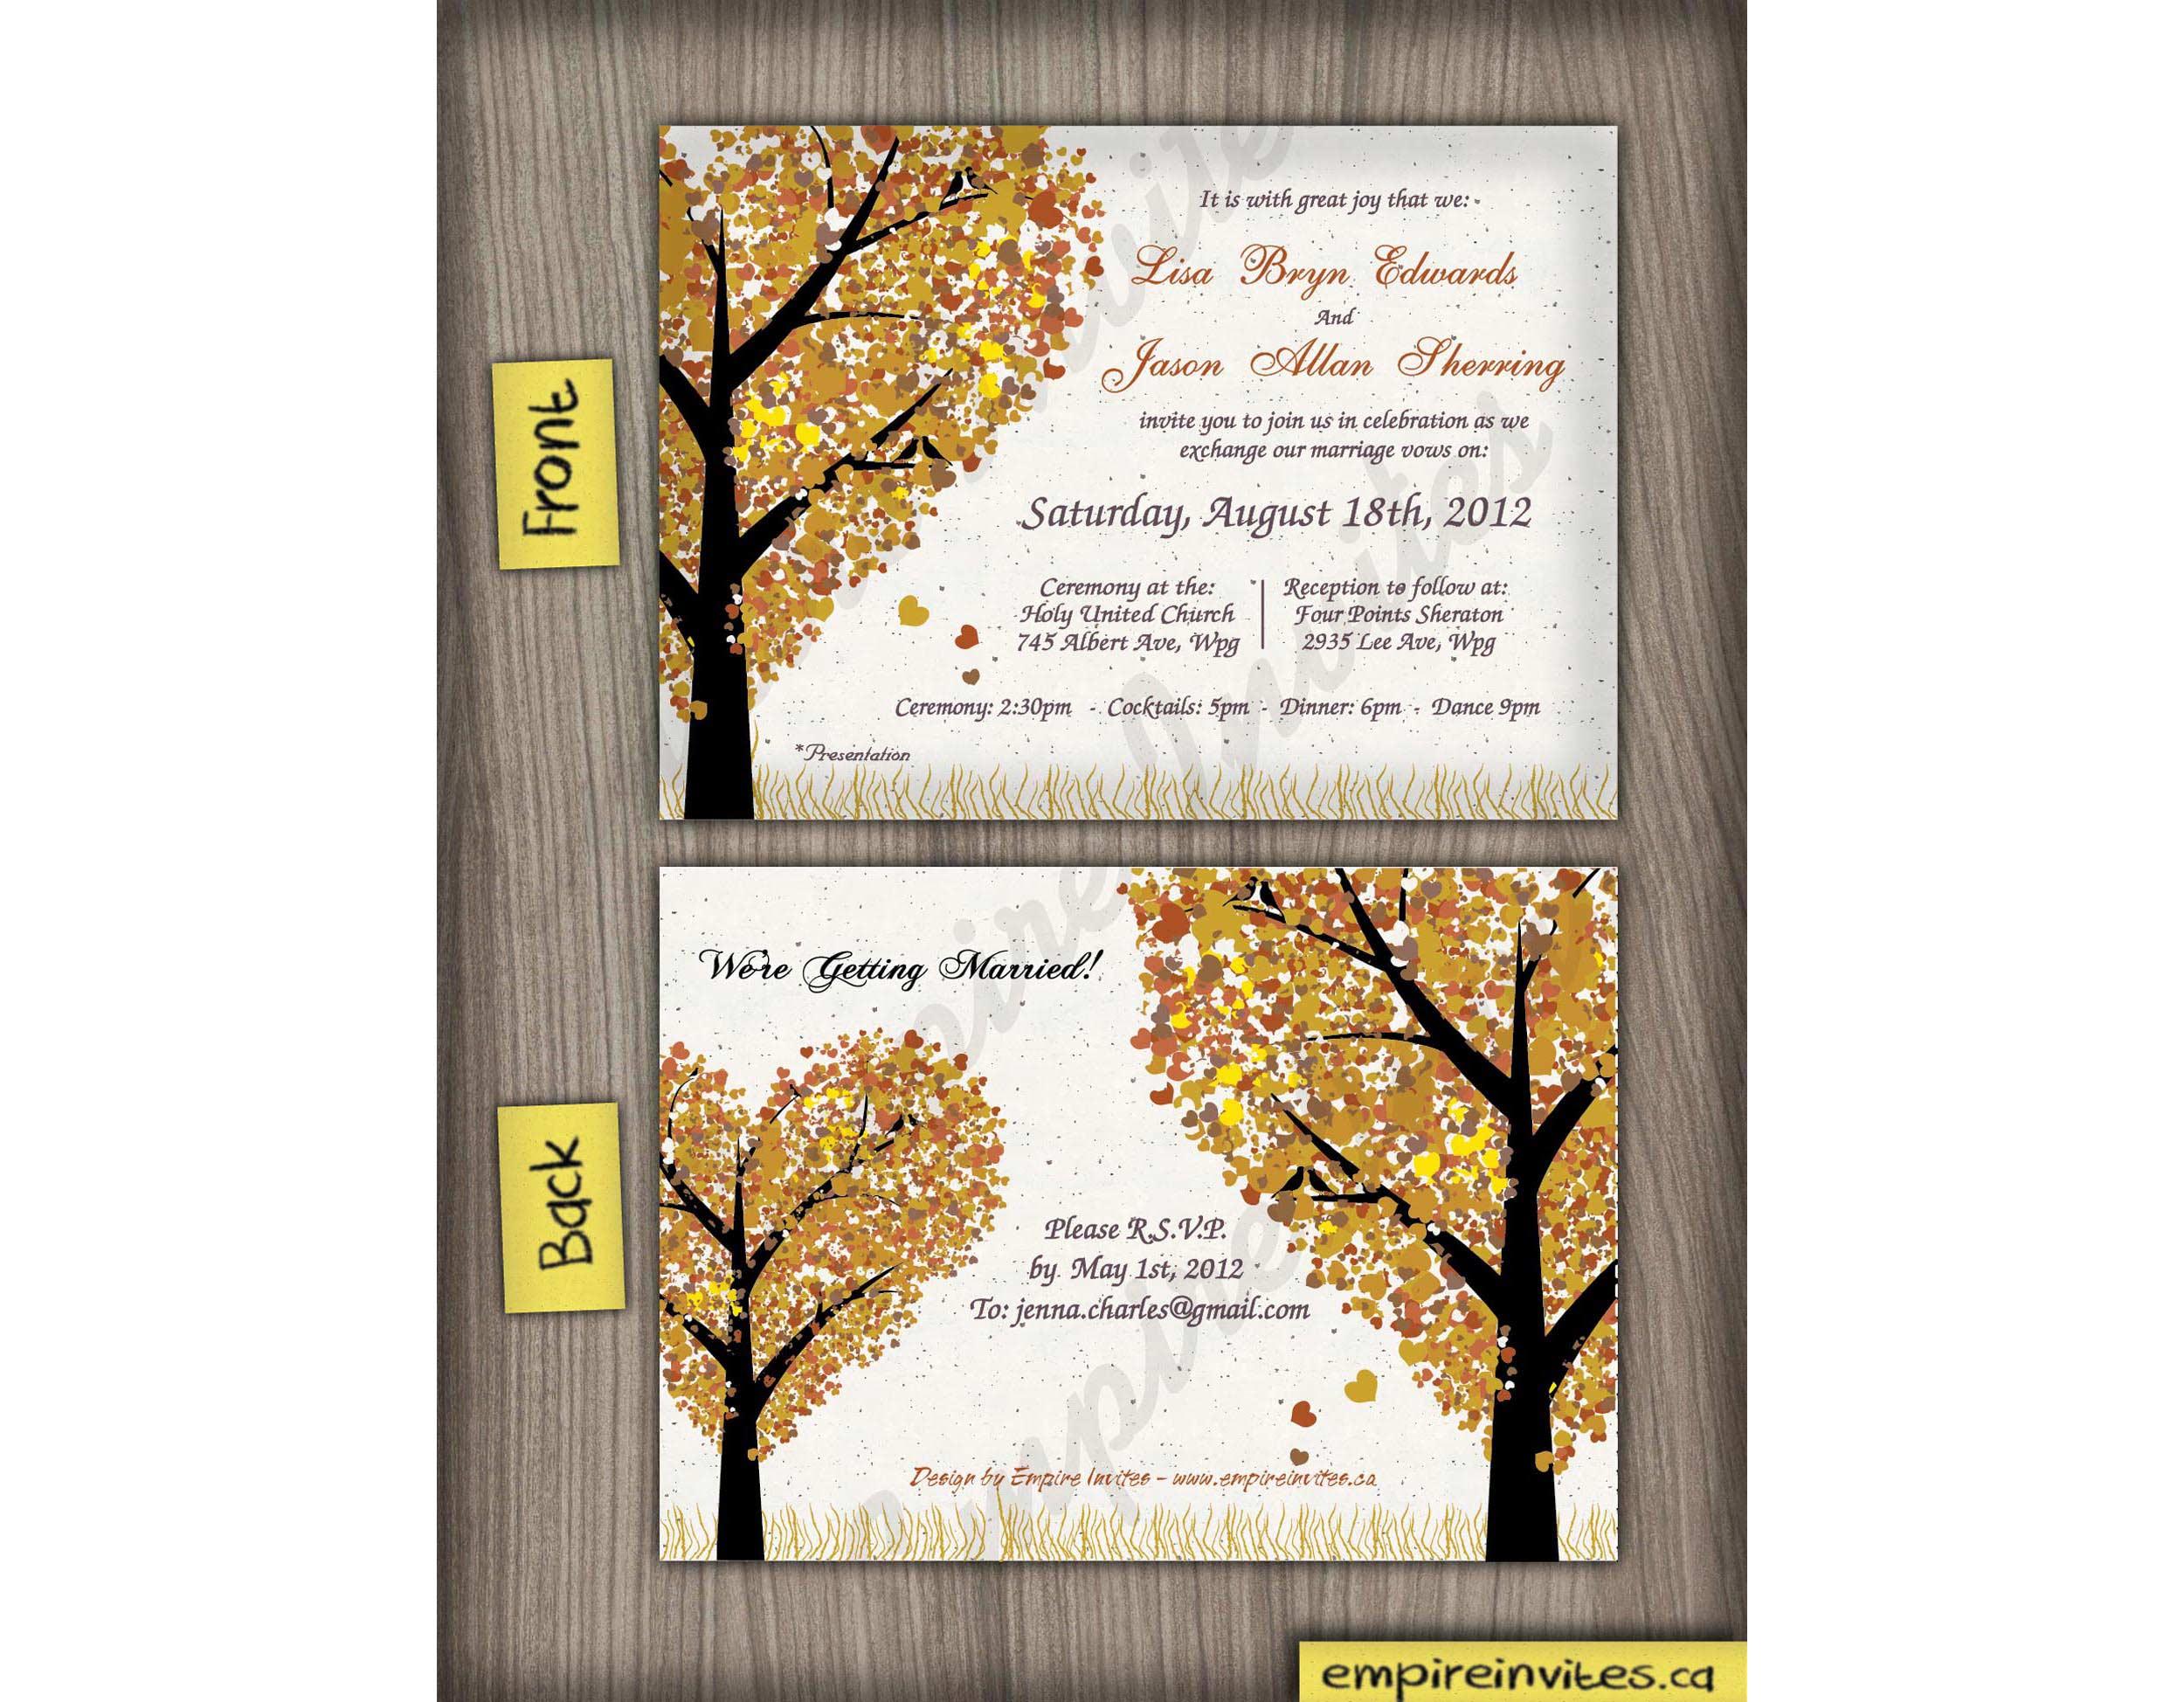 Diy Wedding Invitations Canada: Custom Fall Wedding Invitations From Winnipeg, Canada